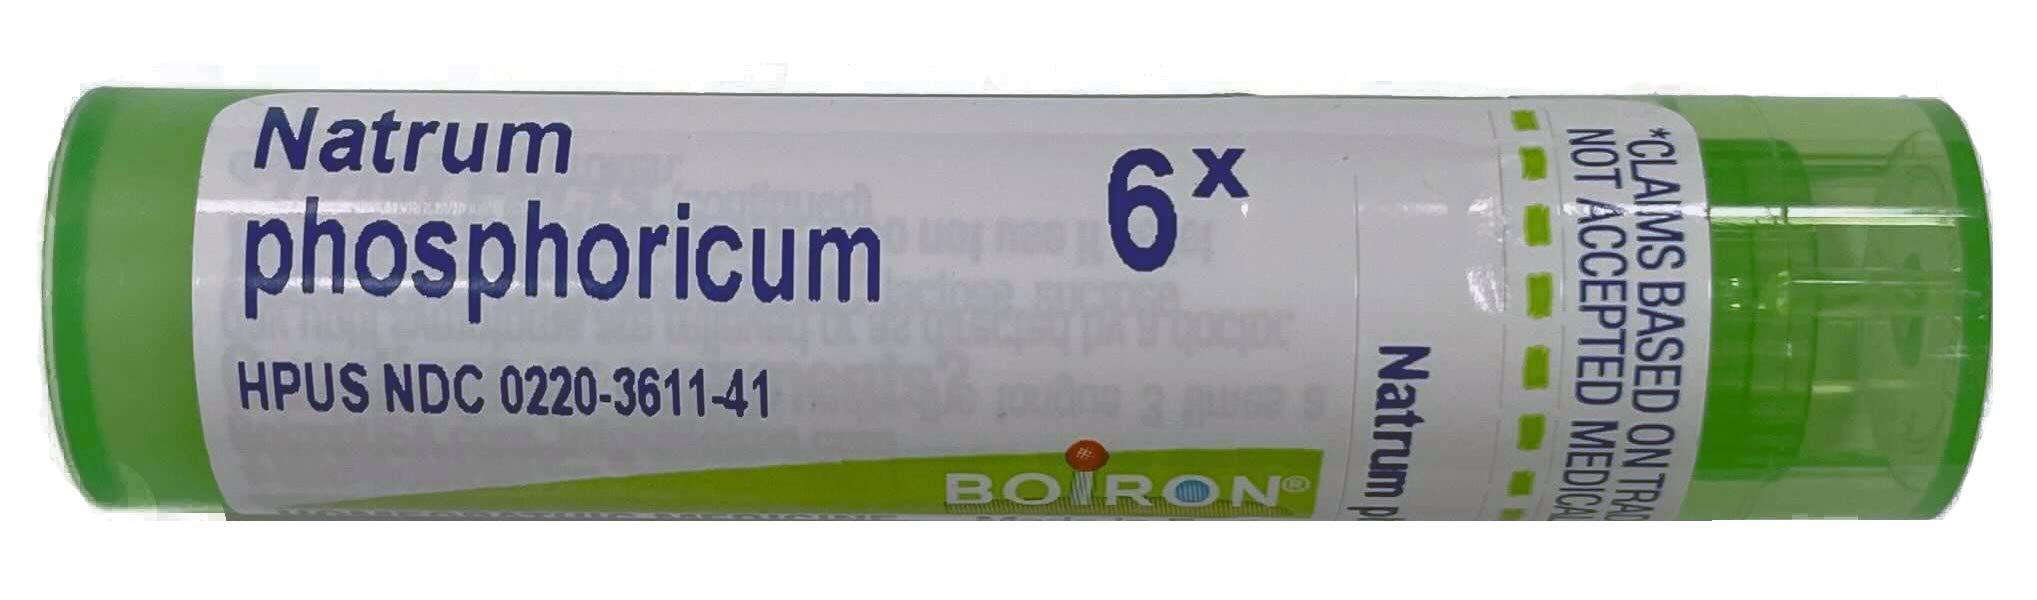 Boiron Natrum Phosphoricum 6X, 80 Count